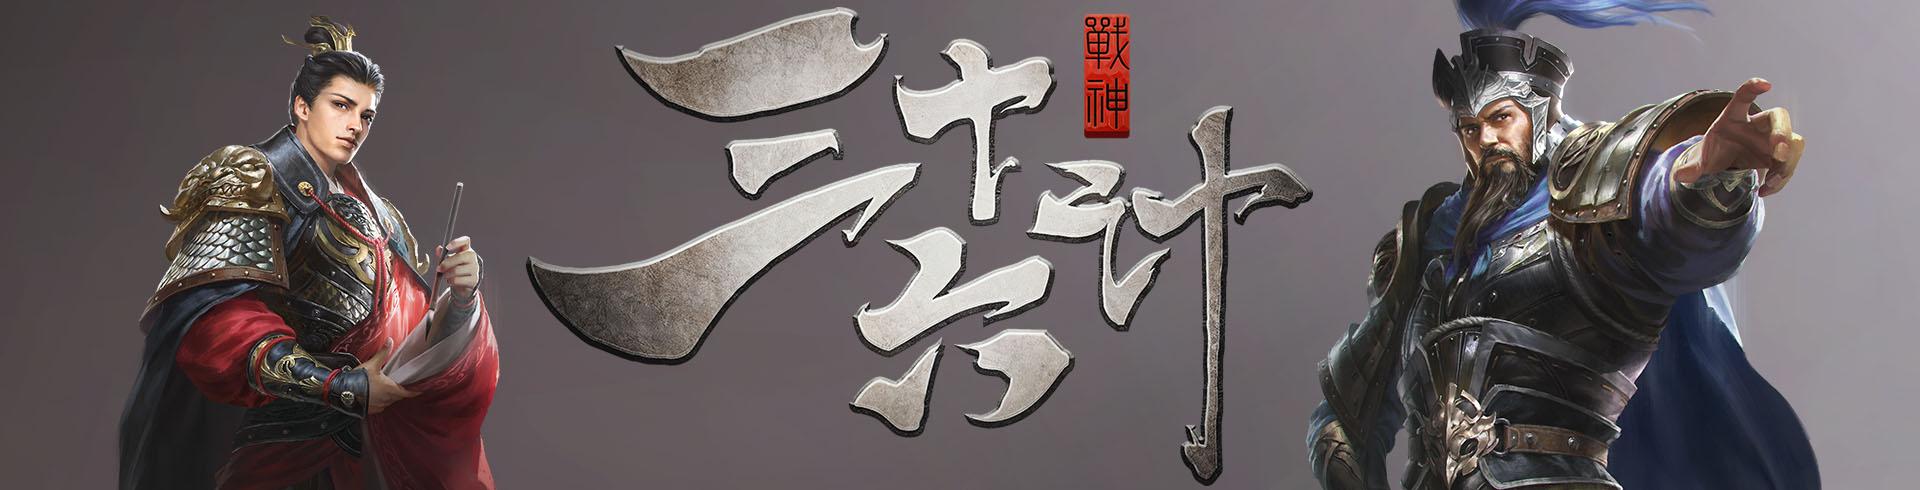 sbf胜博发备用网址_战神三十六计